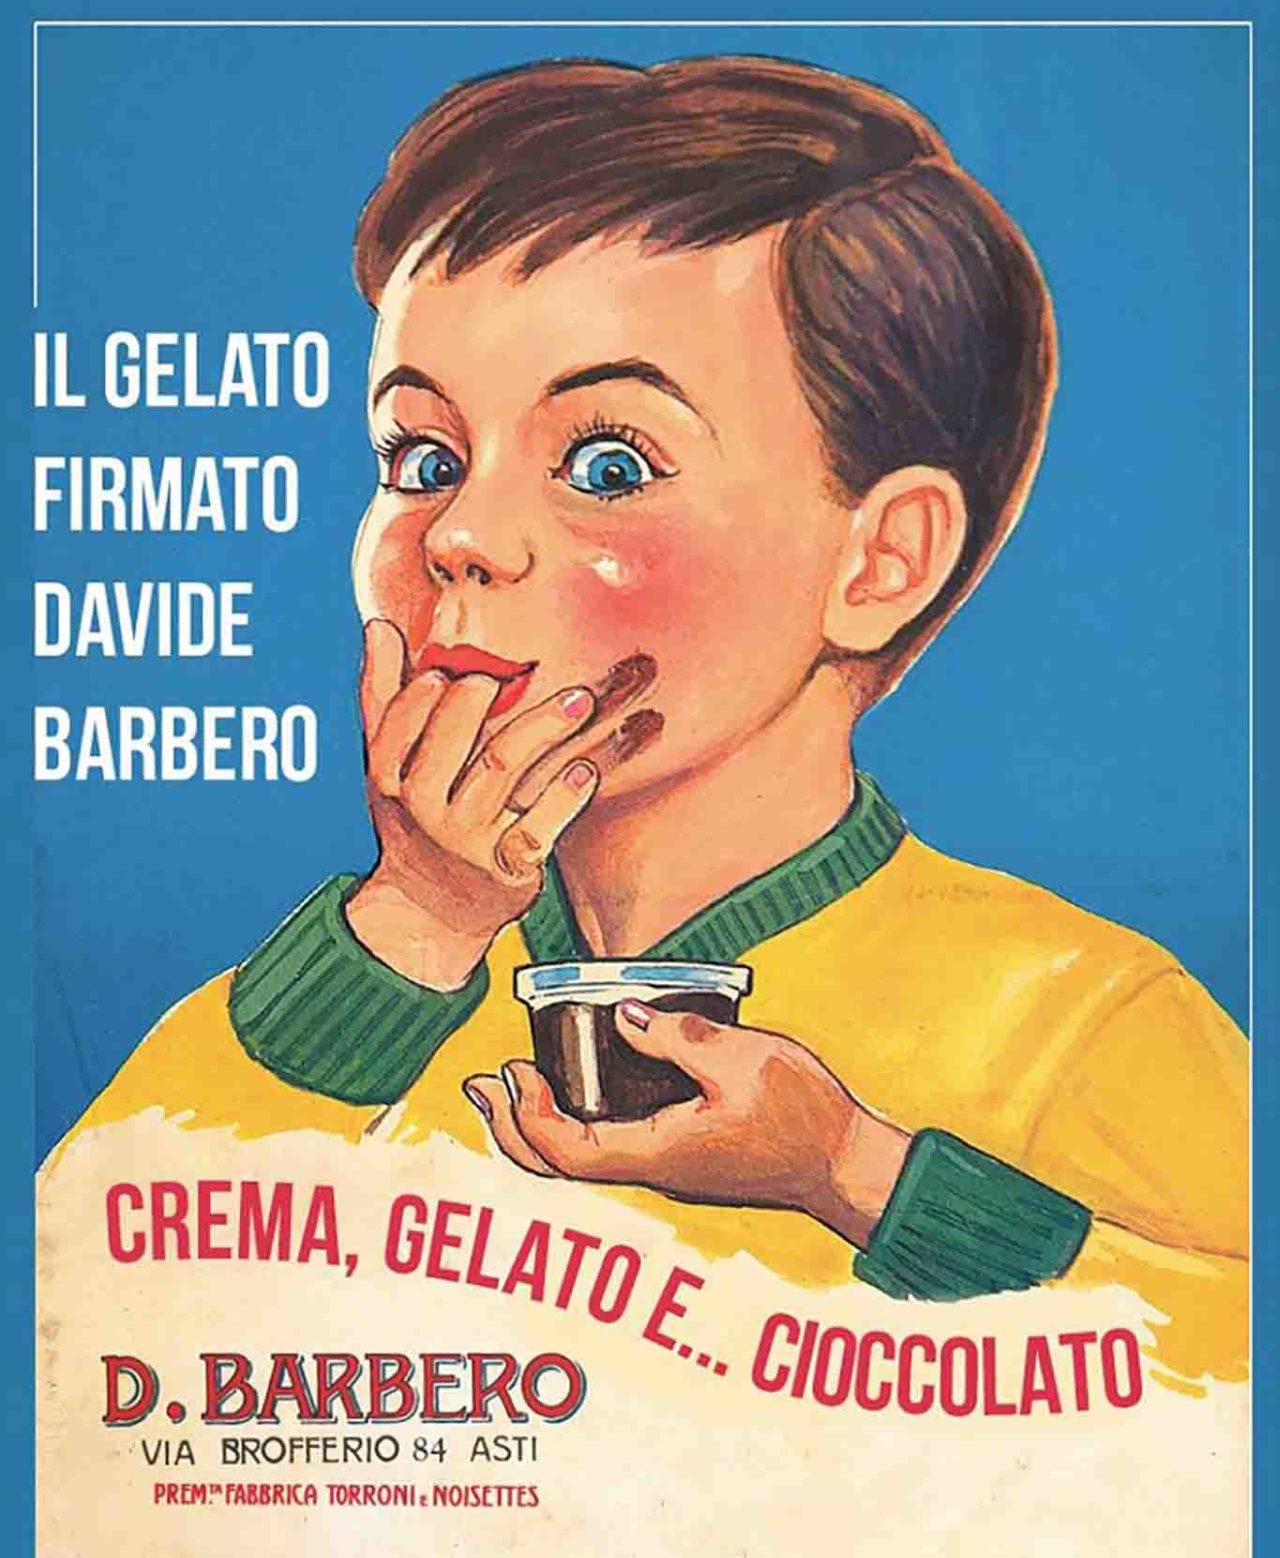 Il gelato firmato Davide Barbero vintage